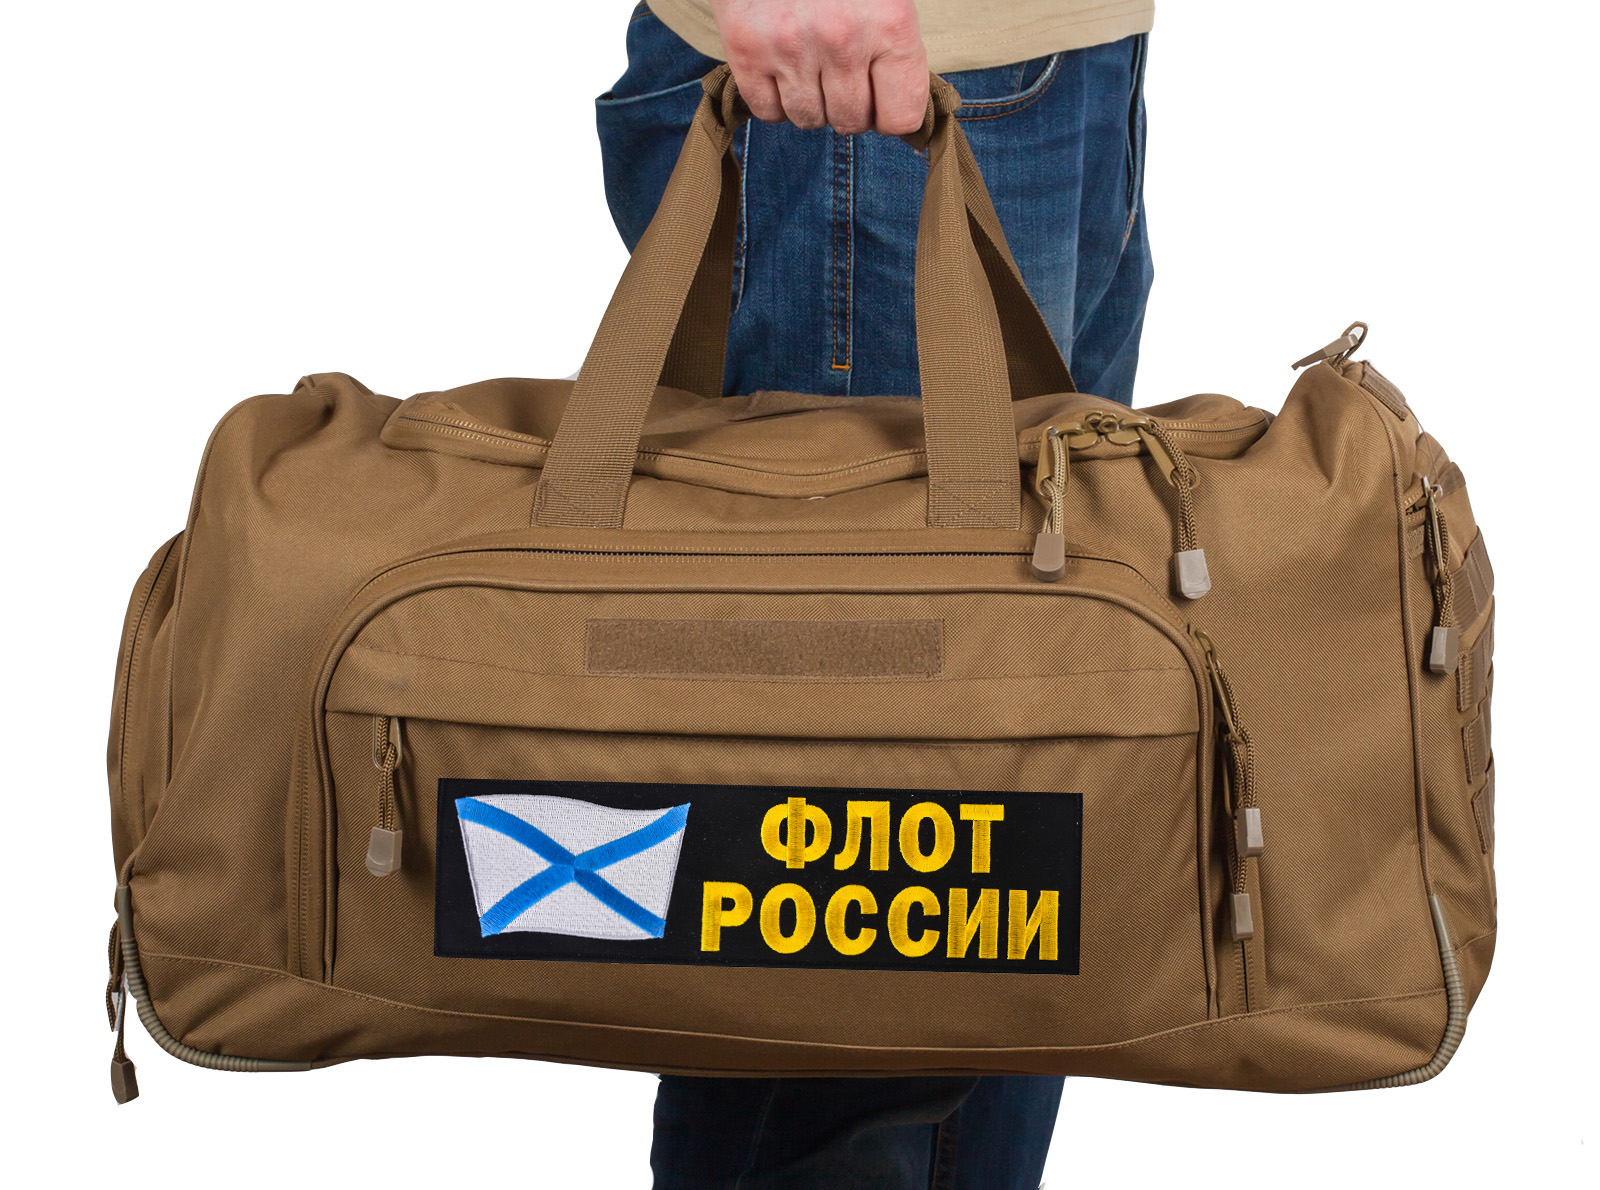 Купить армейскую походную сумку 08032B Coyote с нашивкой Флот России с доставкой или самовывозом